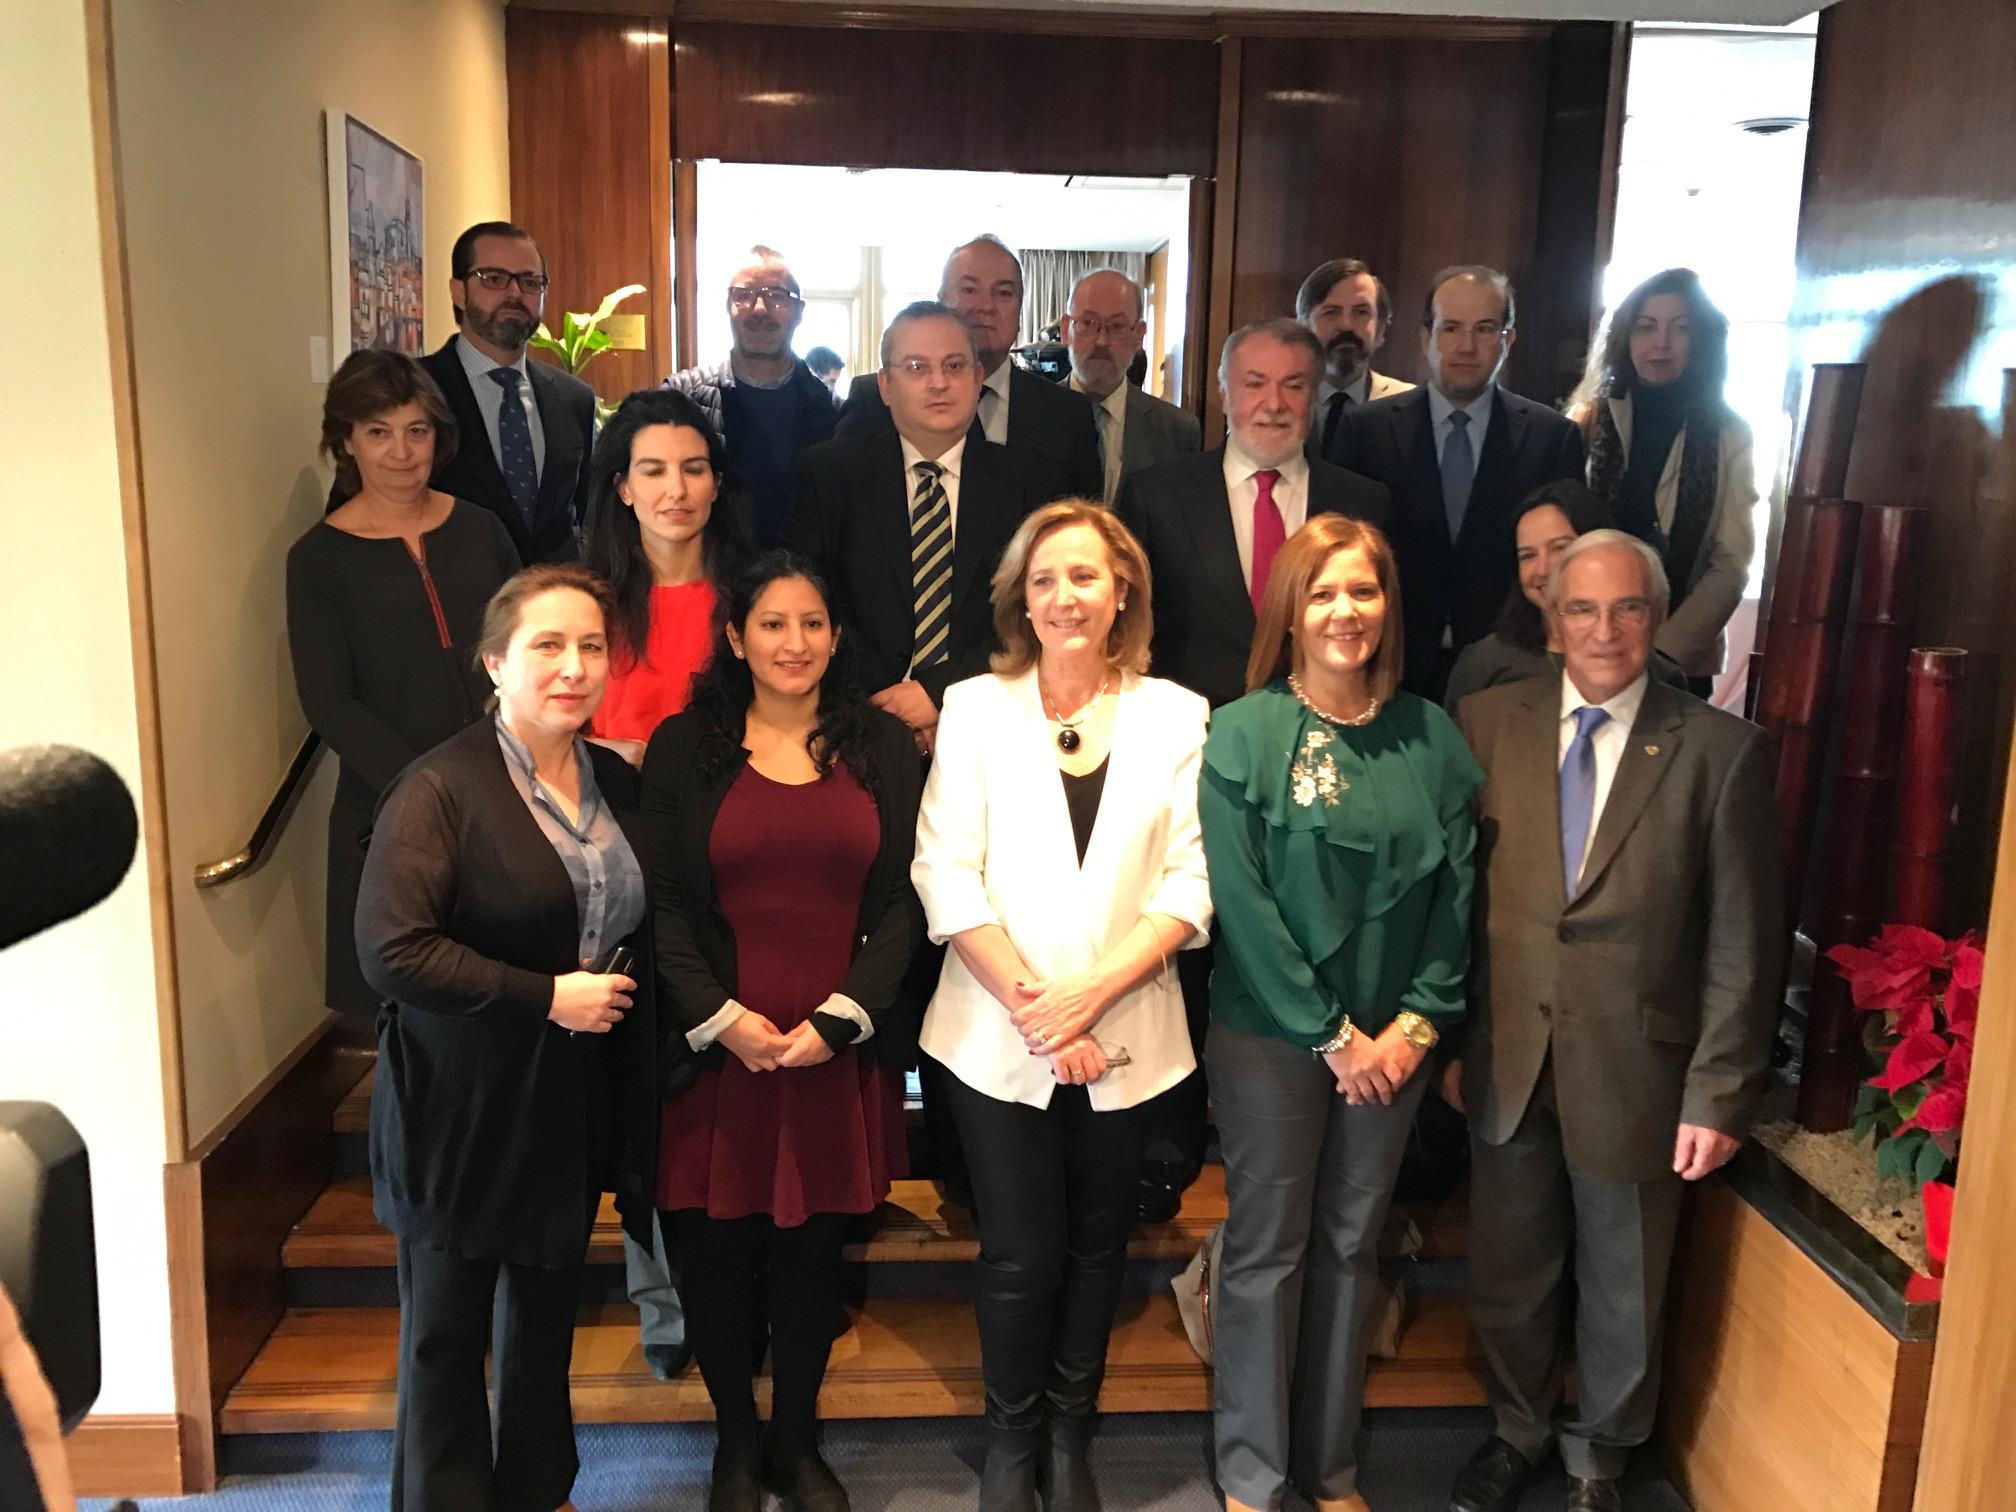 Los representantes de las organizaciones integrantes de la nueva entidad española «Plataforma Por Las Libertades», este martes 20 de diciembre durante el acto de presentación en la capital de la patria, Madrid. Lasvocesdelpueblo.